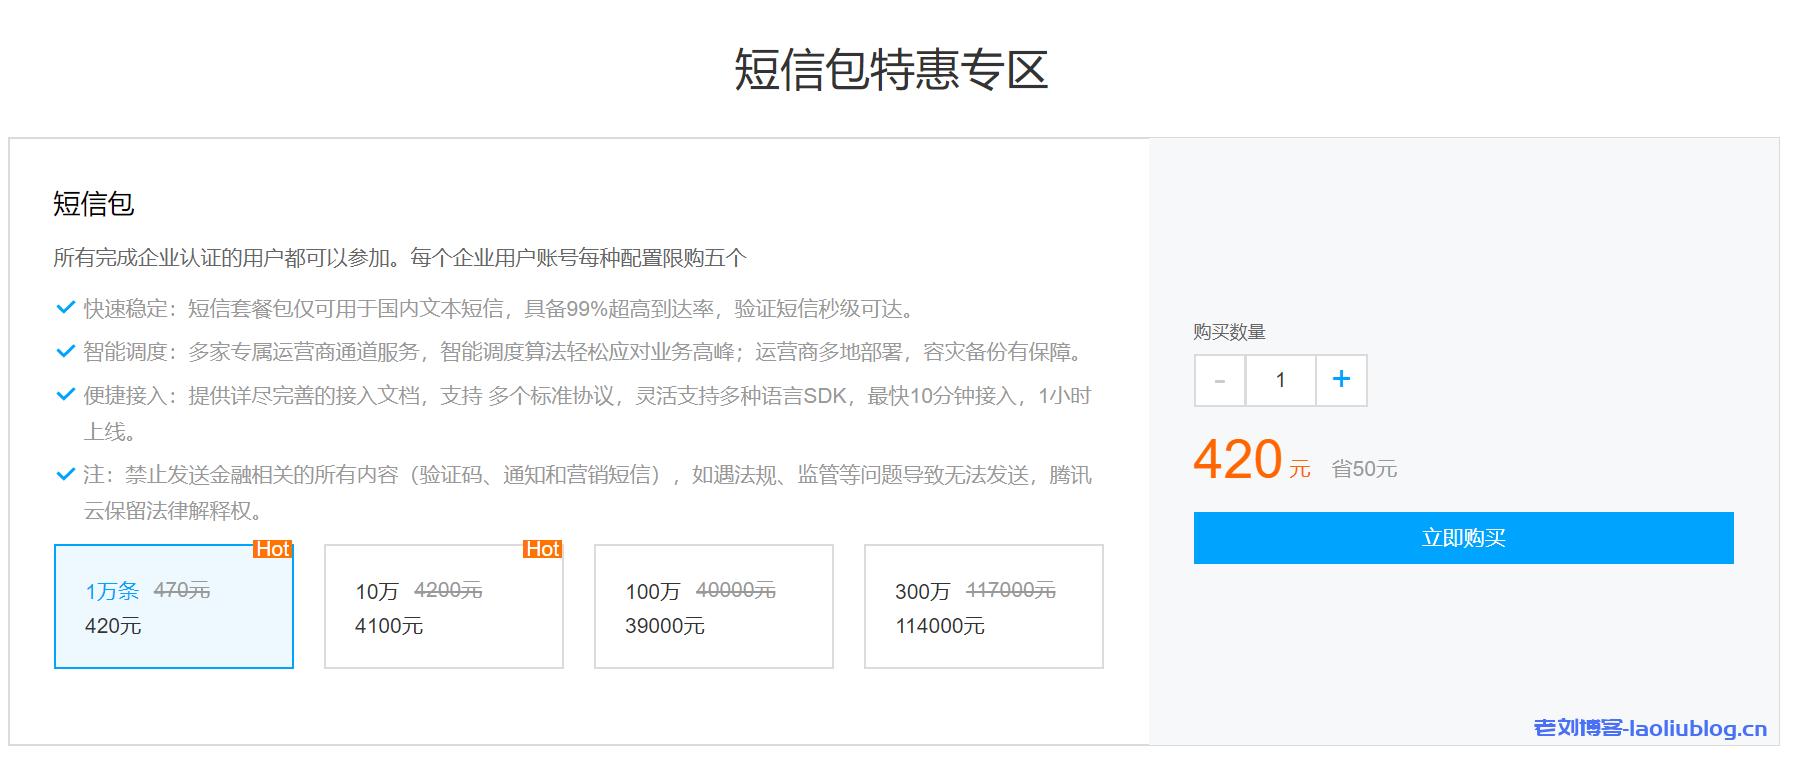 腾讯云企业上云国内短信包促销每条短信收费最低3分8